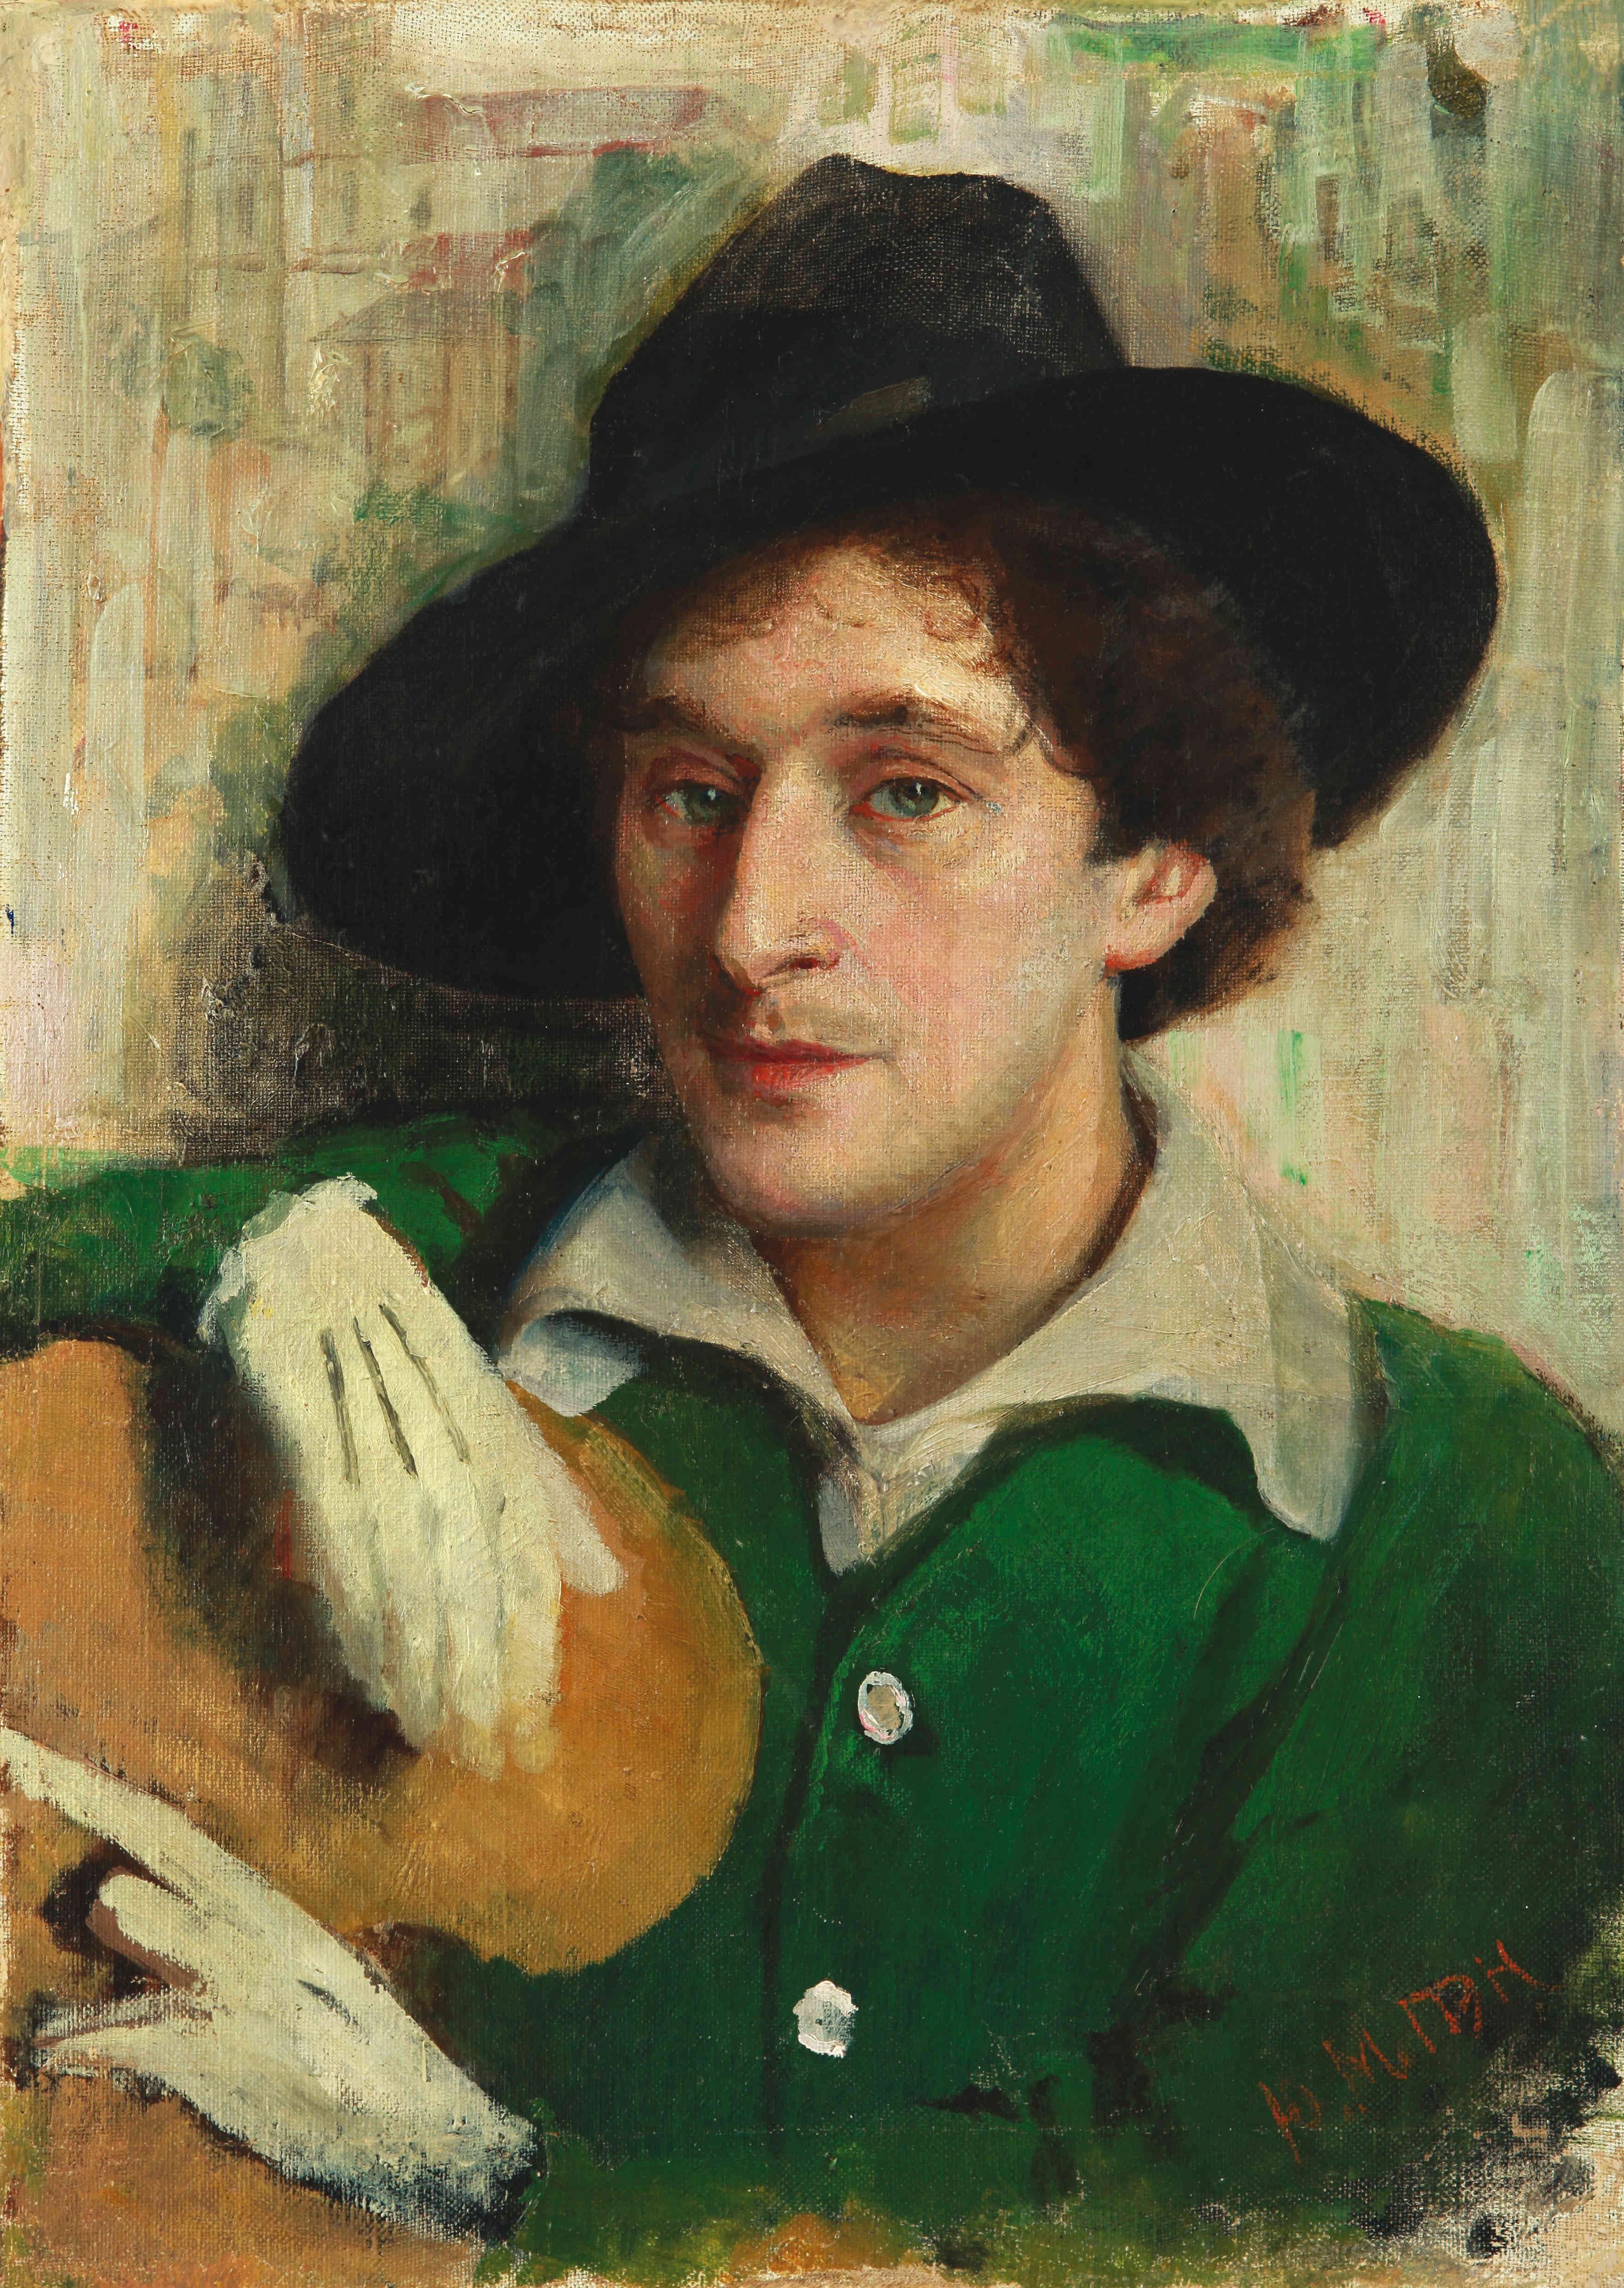 Портрет Марка Шагала, написанный Иегудой (Юделем) Пэном - молодой художник только что вернулся из Парижа и выглядит настоящим франтом